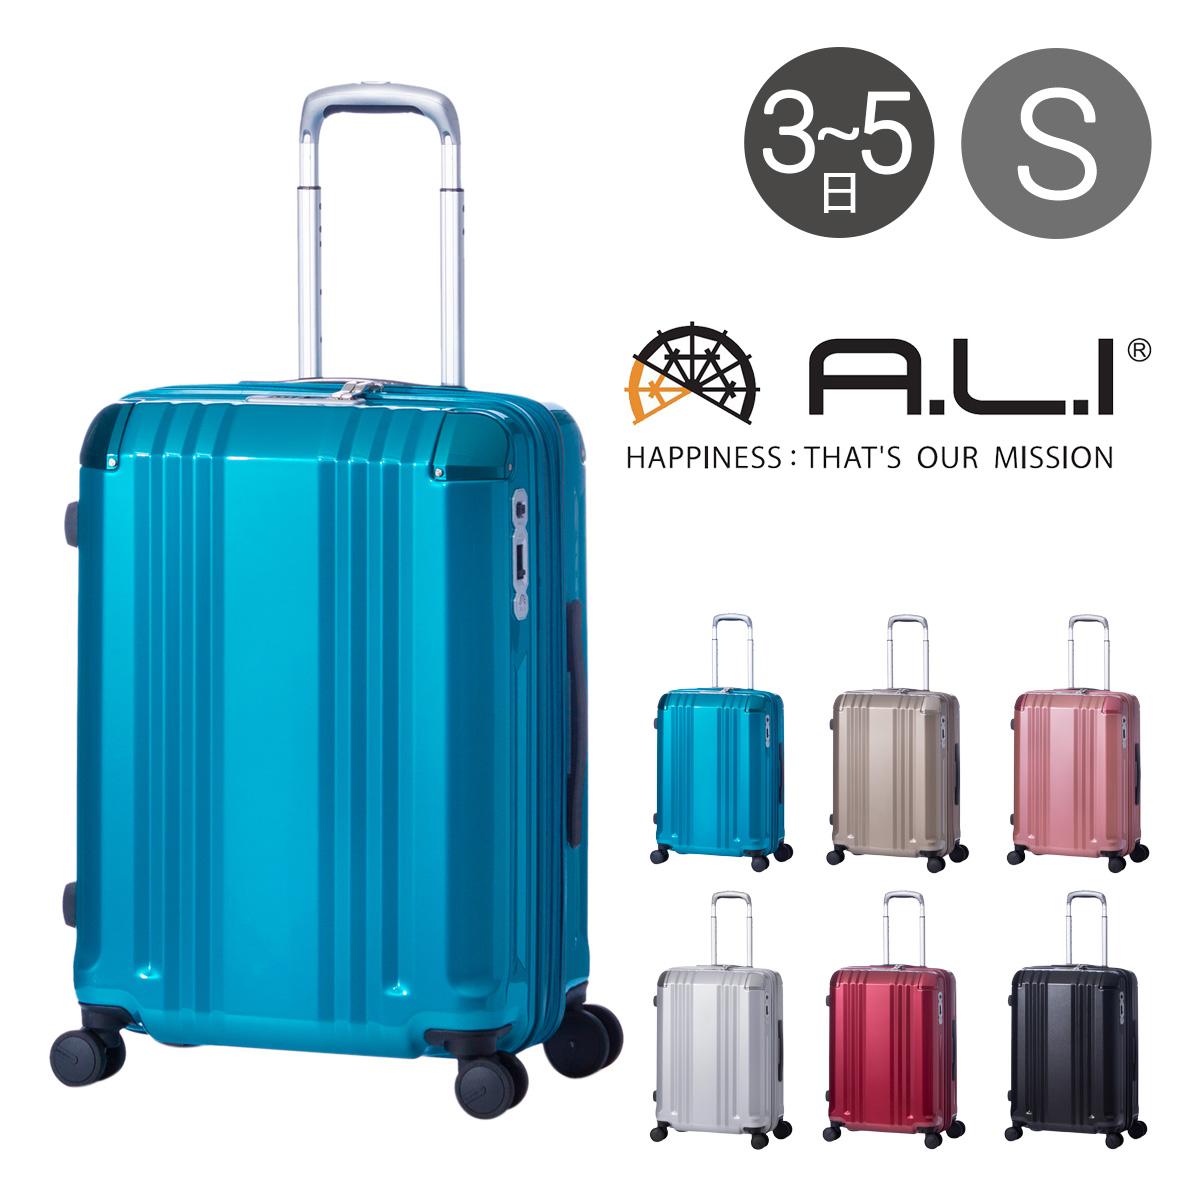 アジアラゲージ スーツケース 60.5cm 3.8kg 52L デカかるEdge  ALI-008-22W A.L.I | ハード ファスナー | キャリーケース TSAロック搭載[PO10]